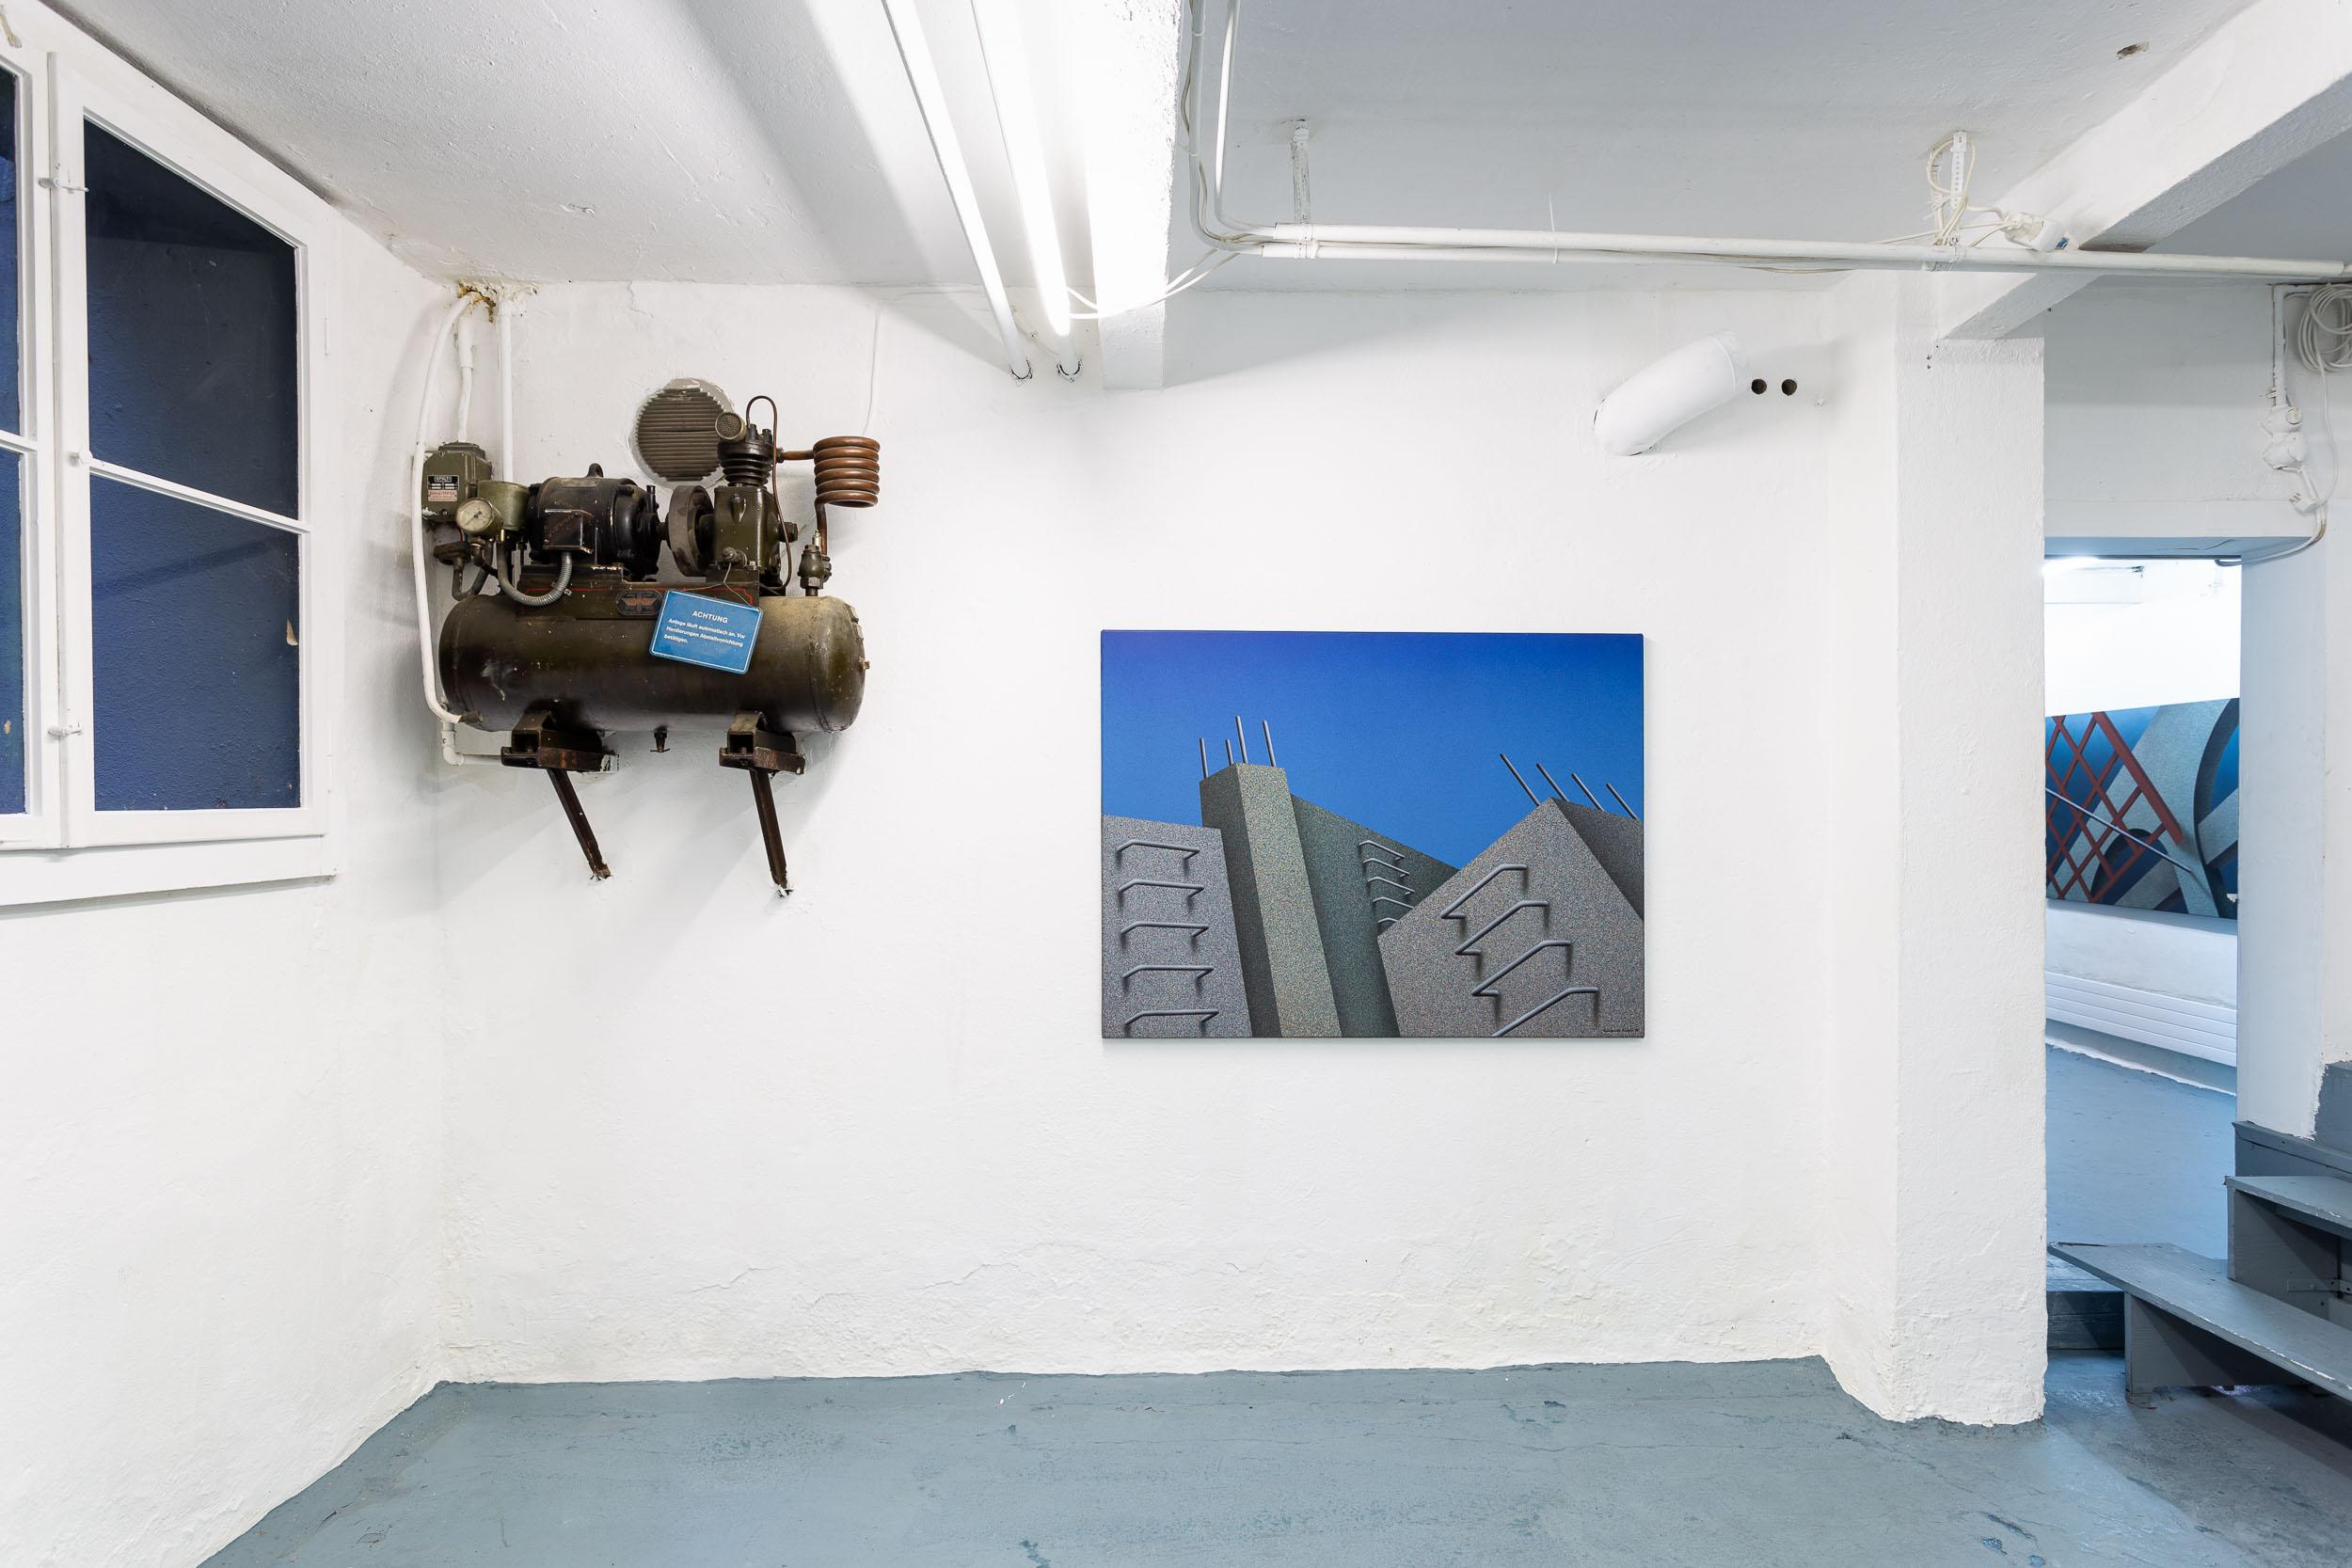 Eduardo Rubén,  Abandono , 1996, acrylic on canvas, 97 x 130 cm  Photo: Kilian Bannwart